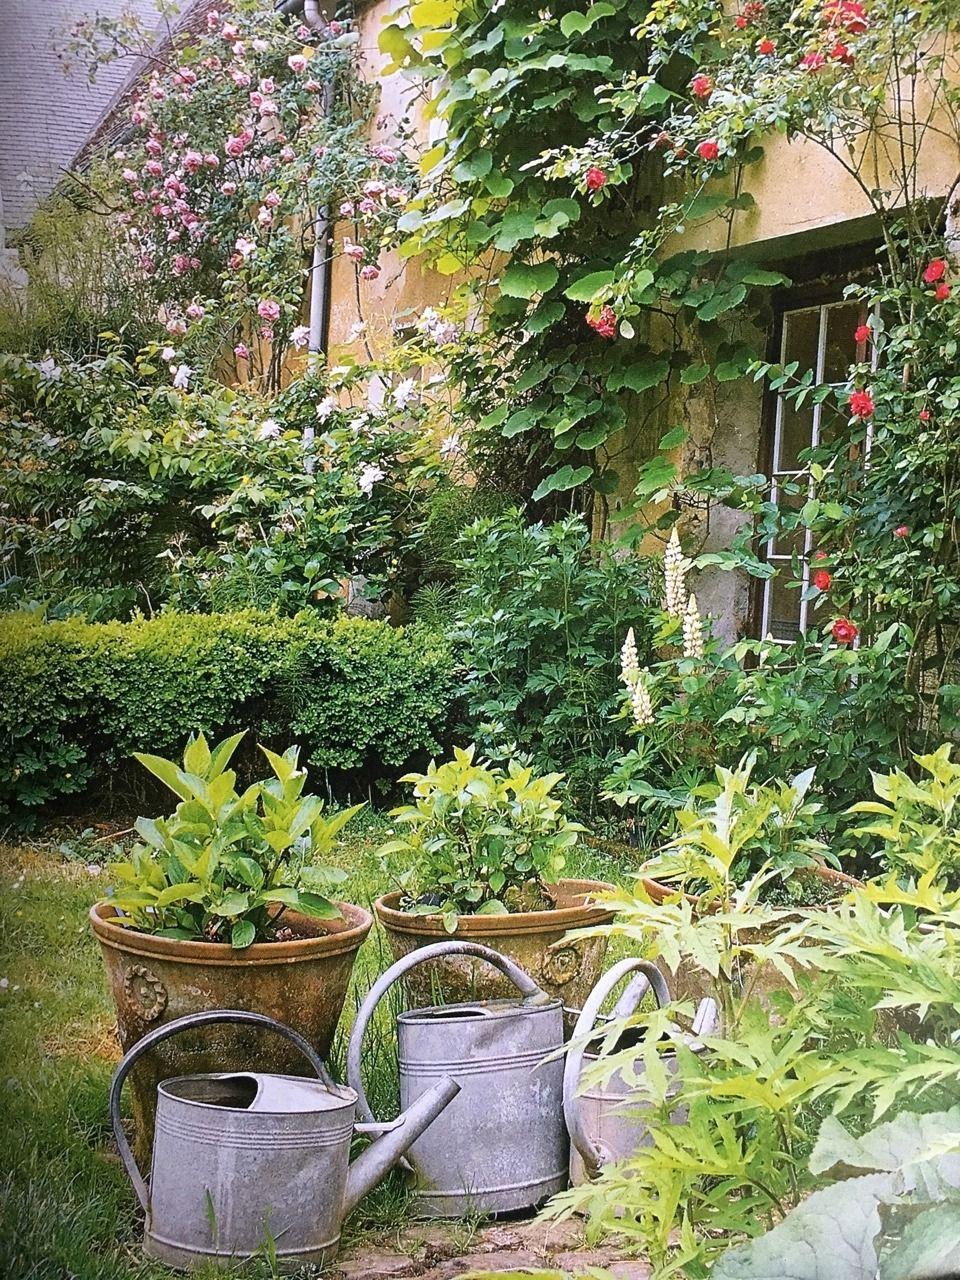 Gardenandcountry C Philippe Ferret Les Jardins De Cure L Art